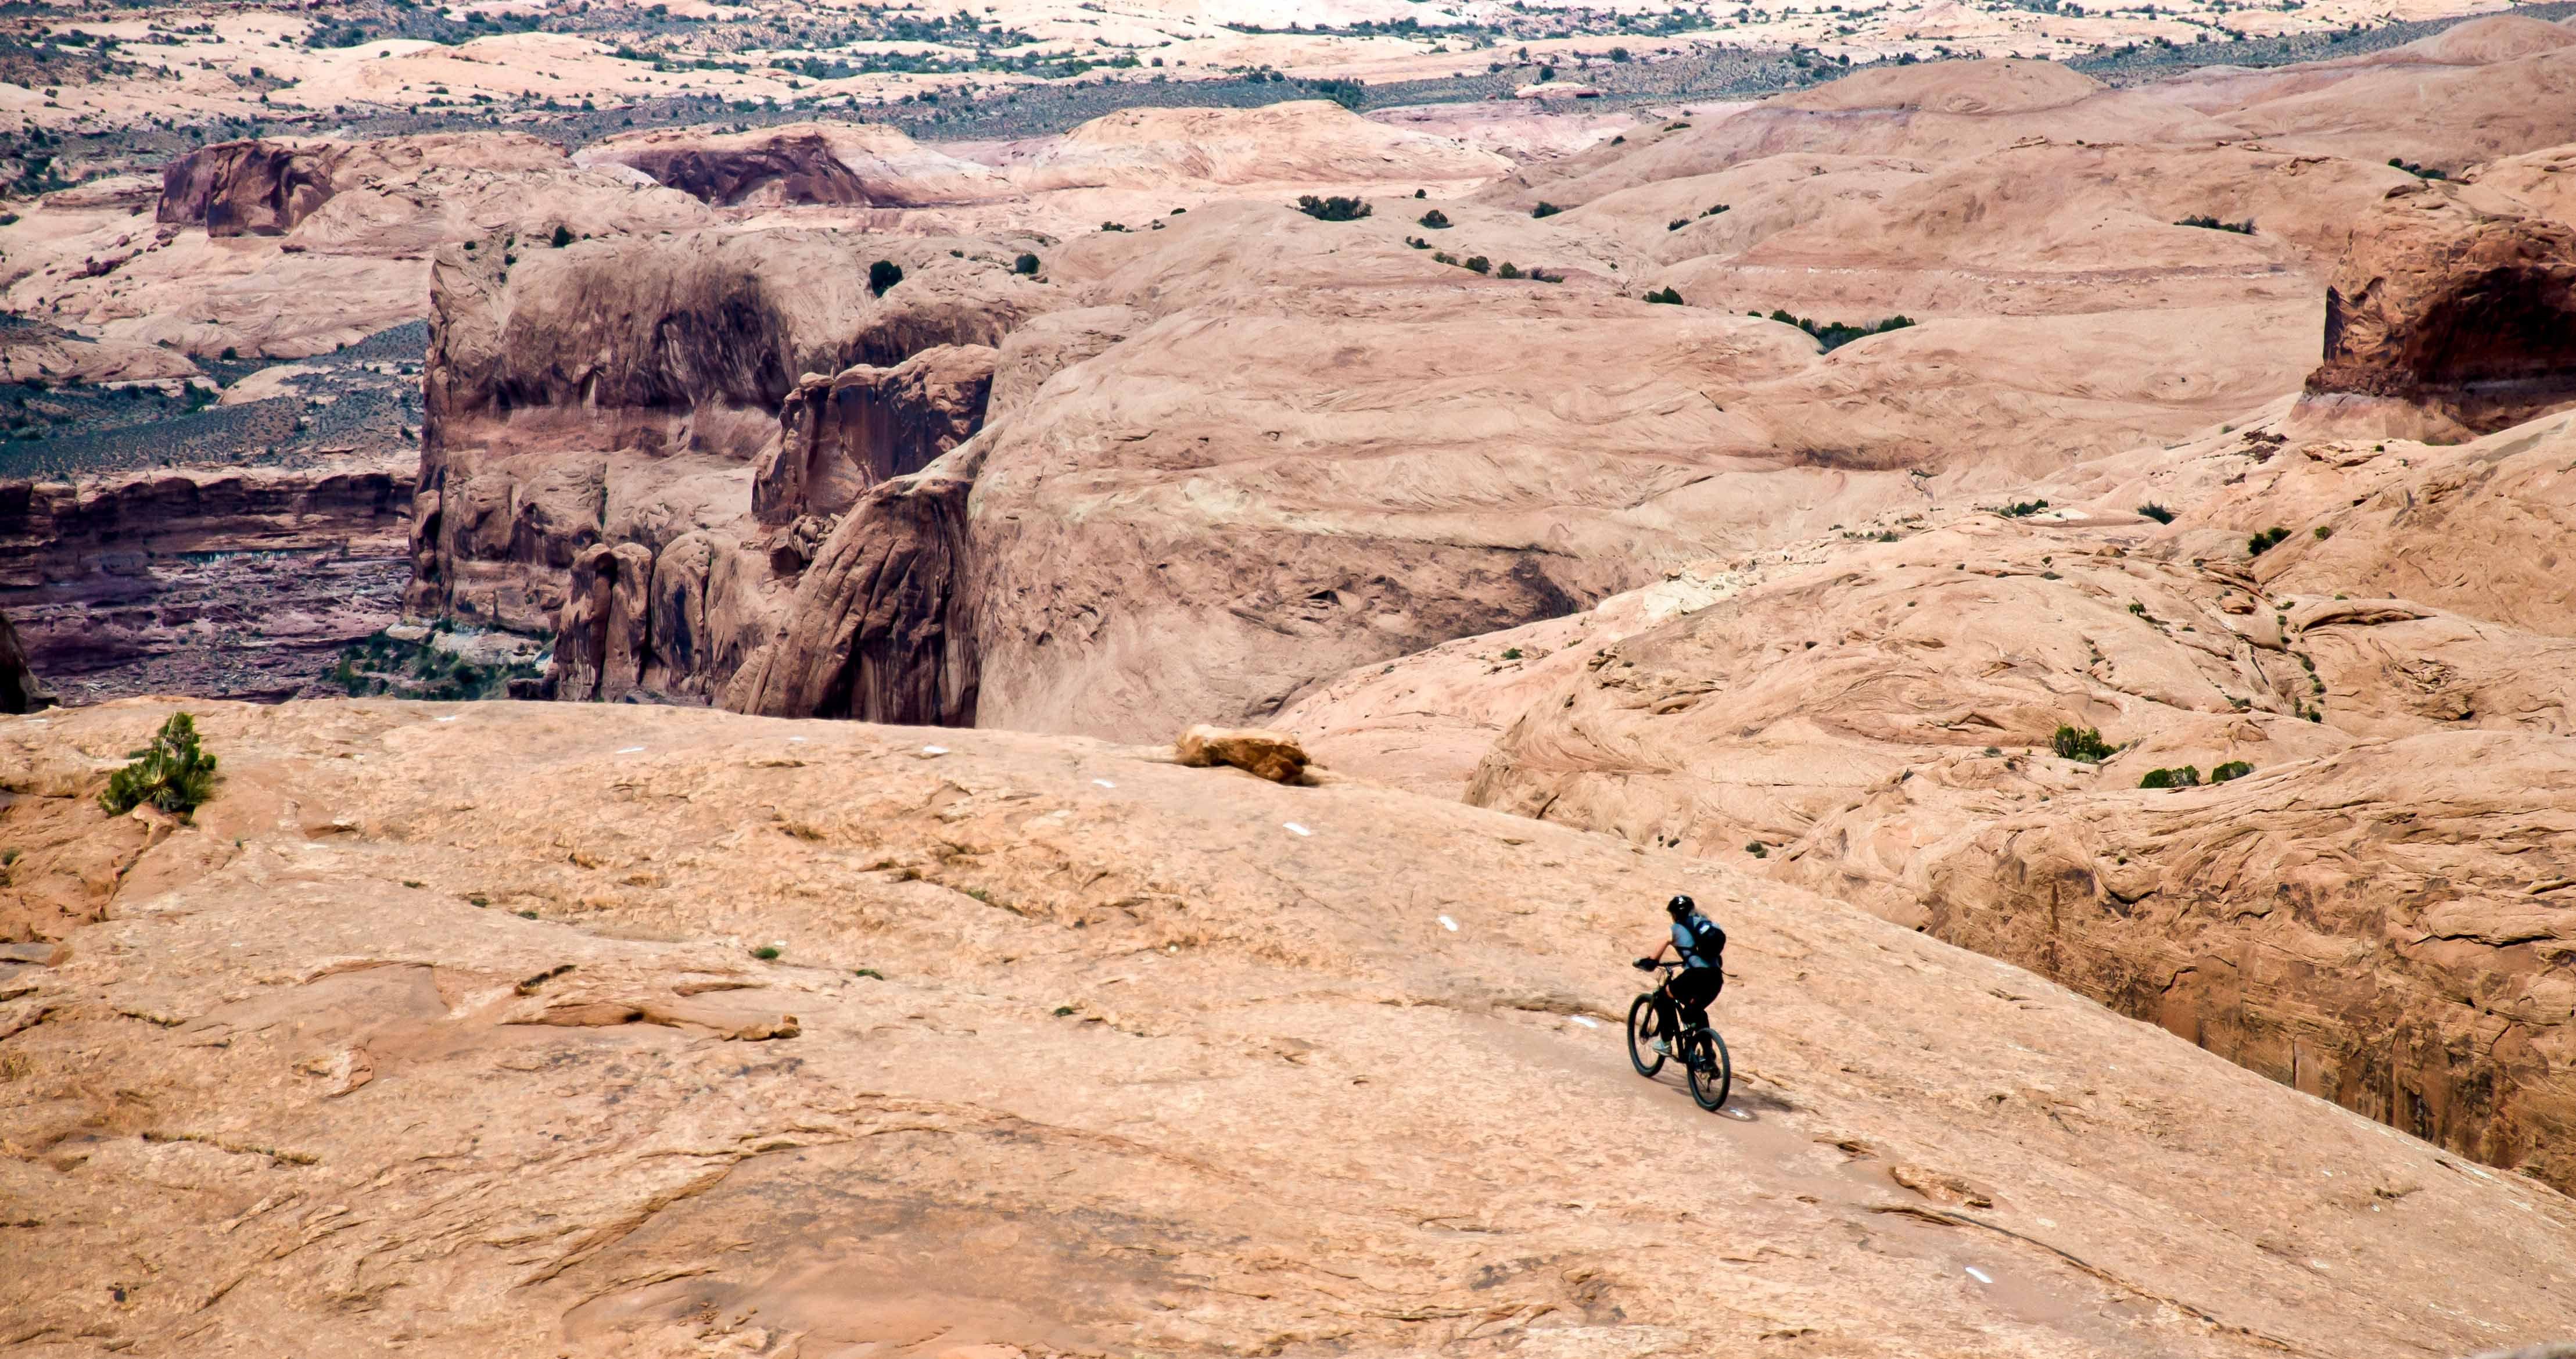 Bilderesultat for slick rock moab natural landmarks